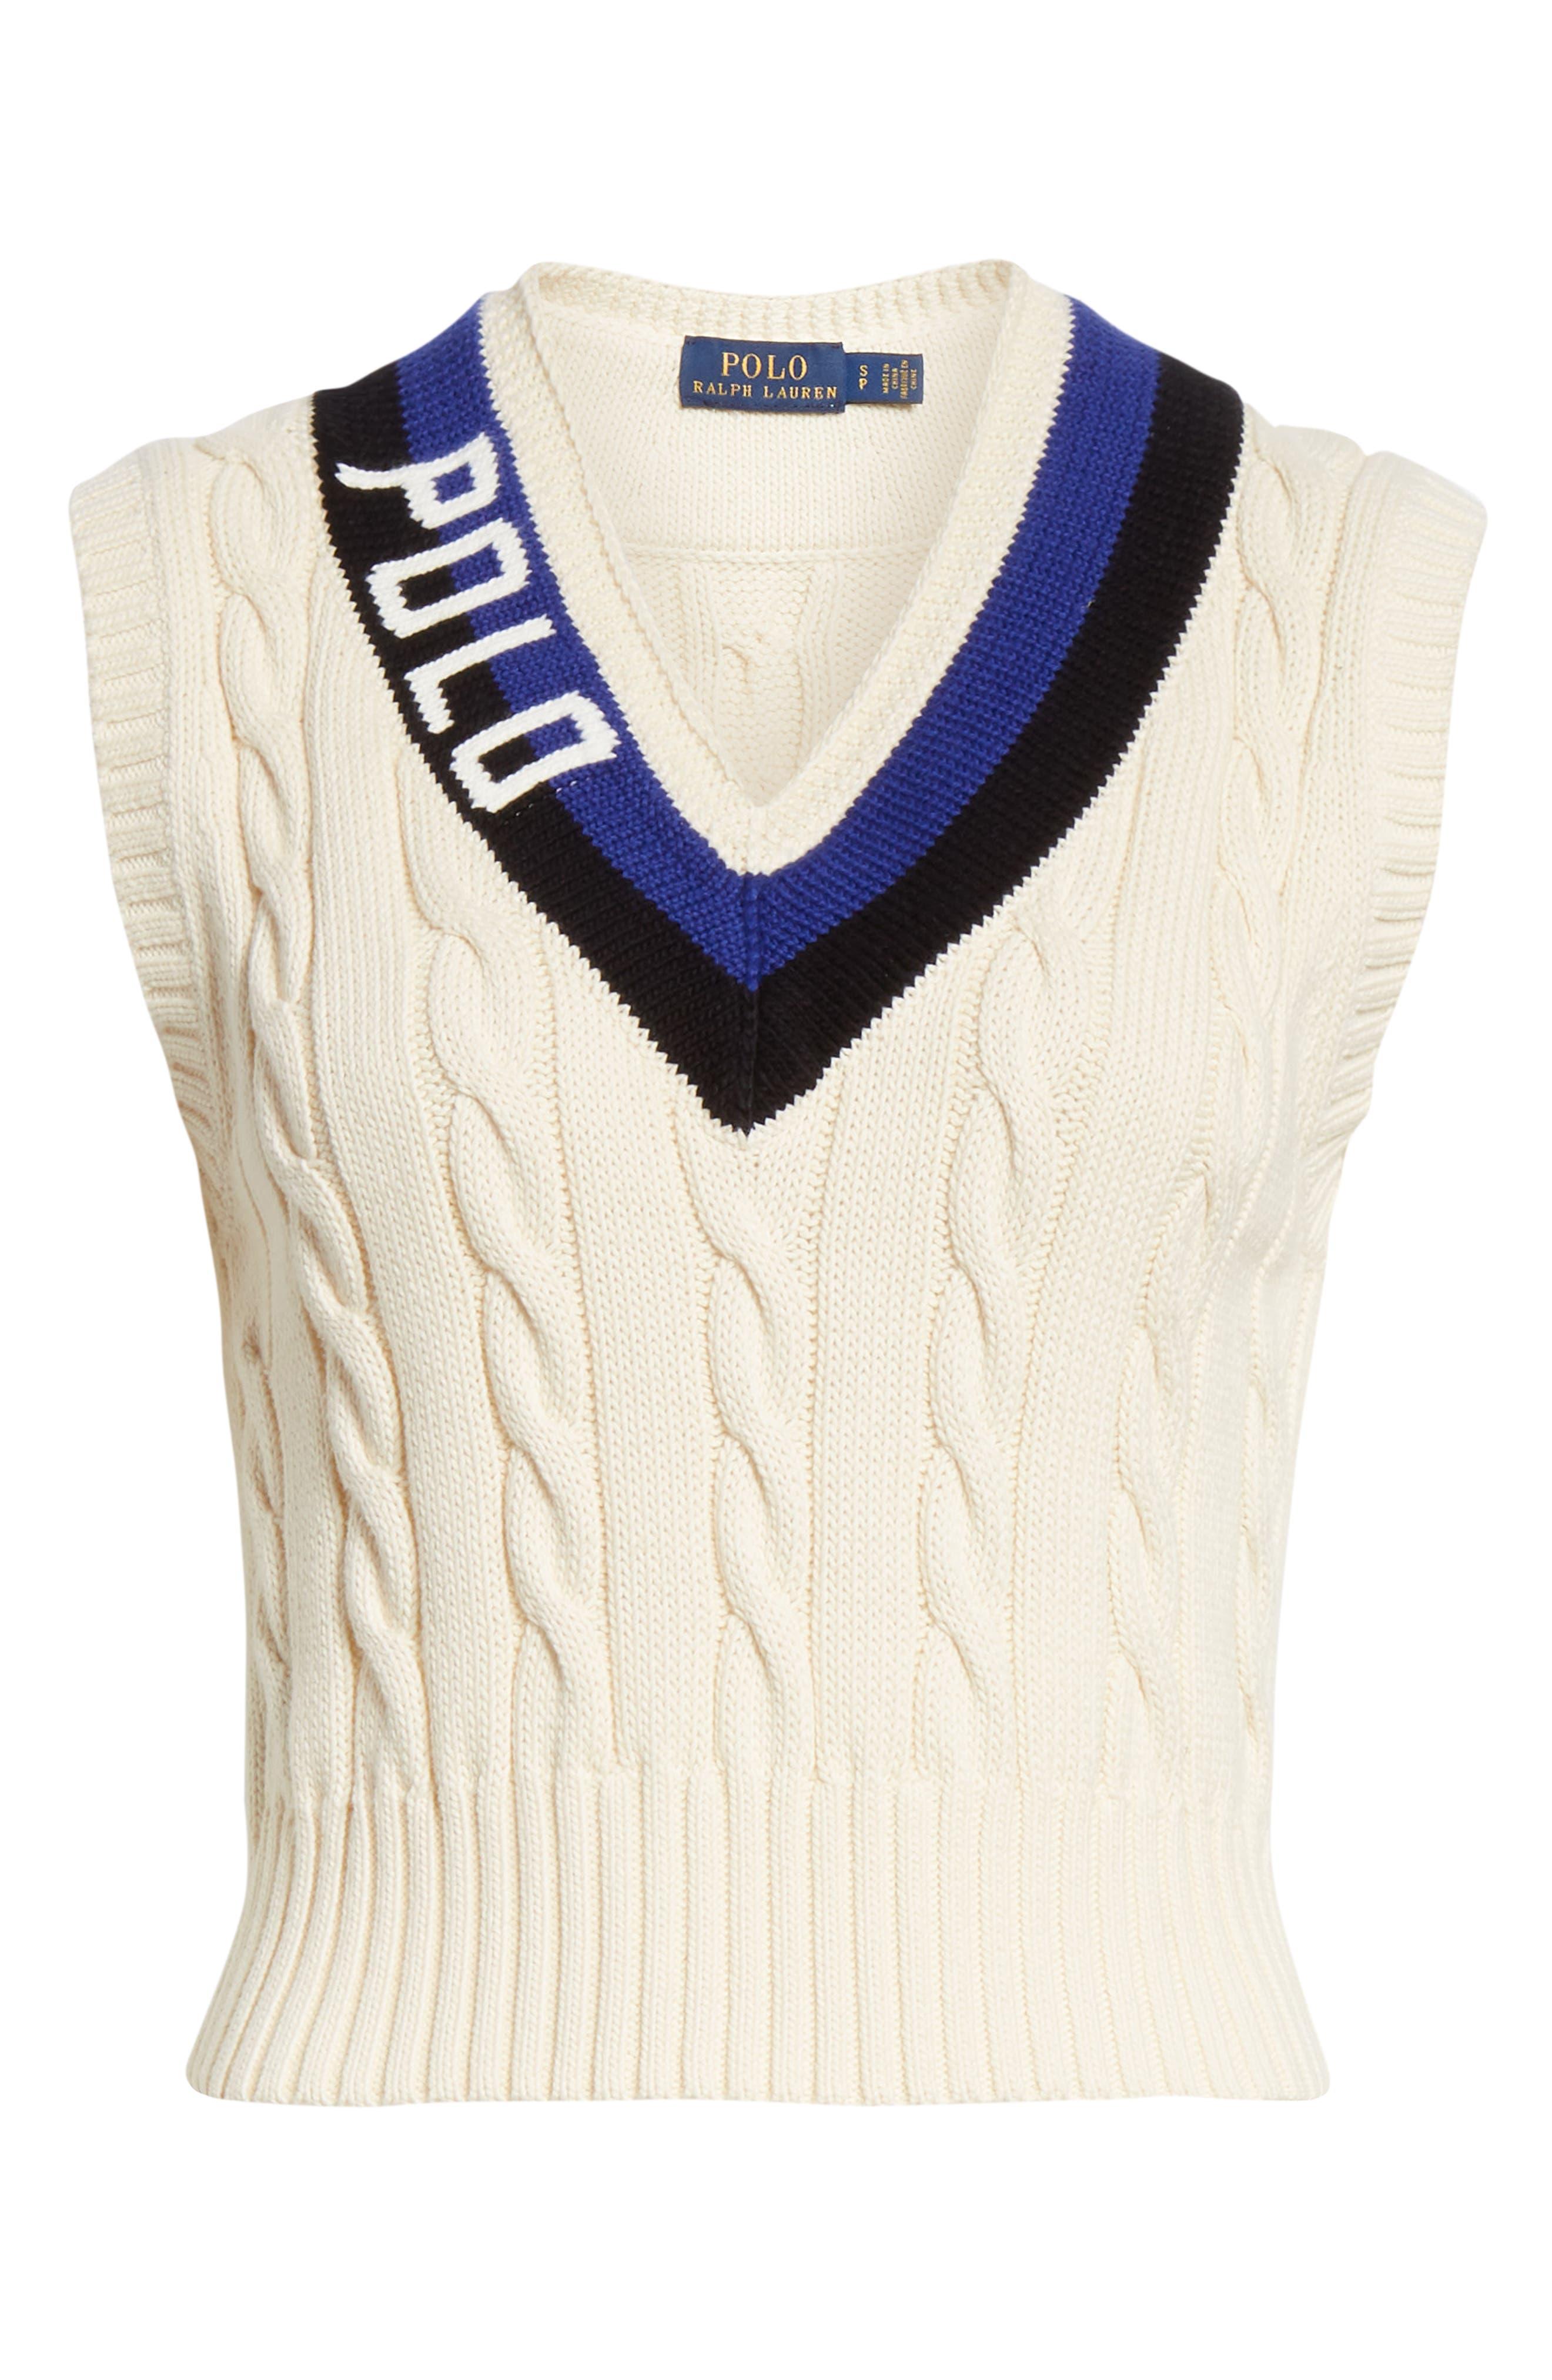 POLO RALPH LAUREN, Cable Sweater Vest, Alternate thumbnail 6, color, CREAM/ BLACK/ ROYAL